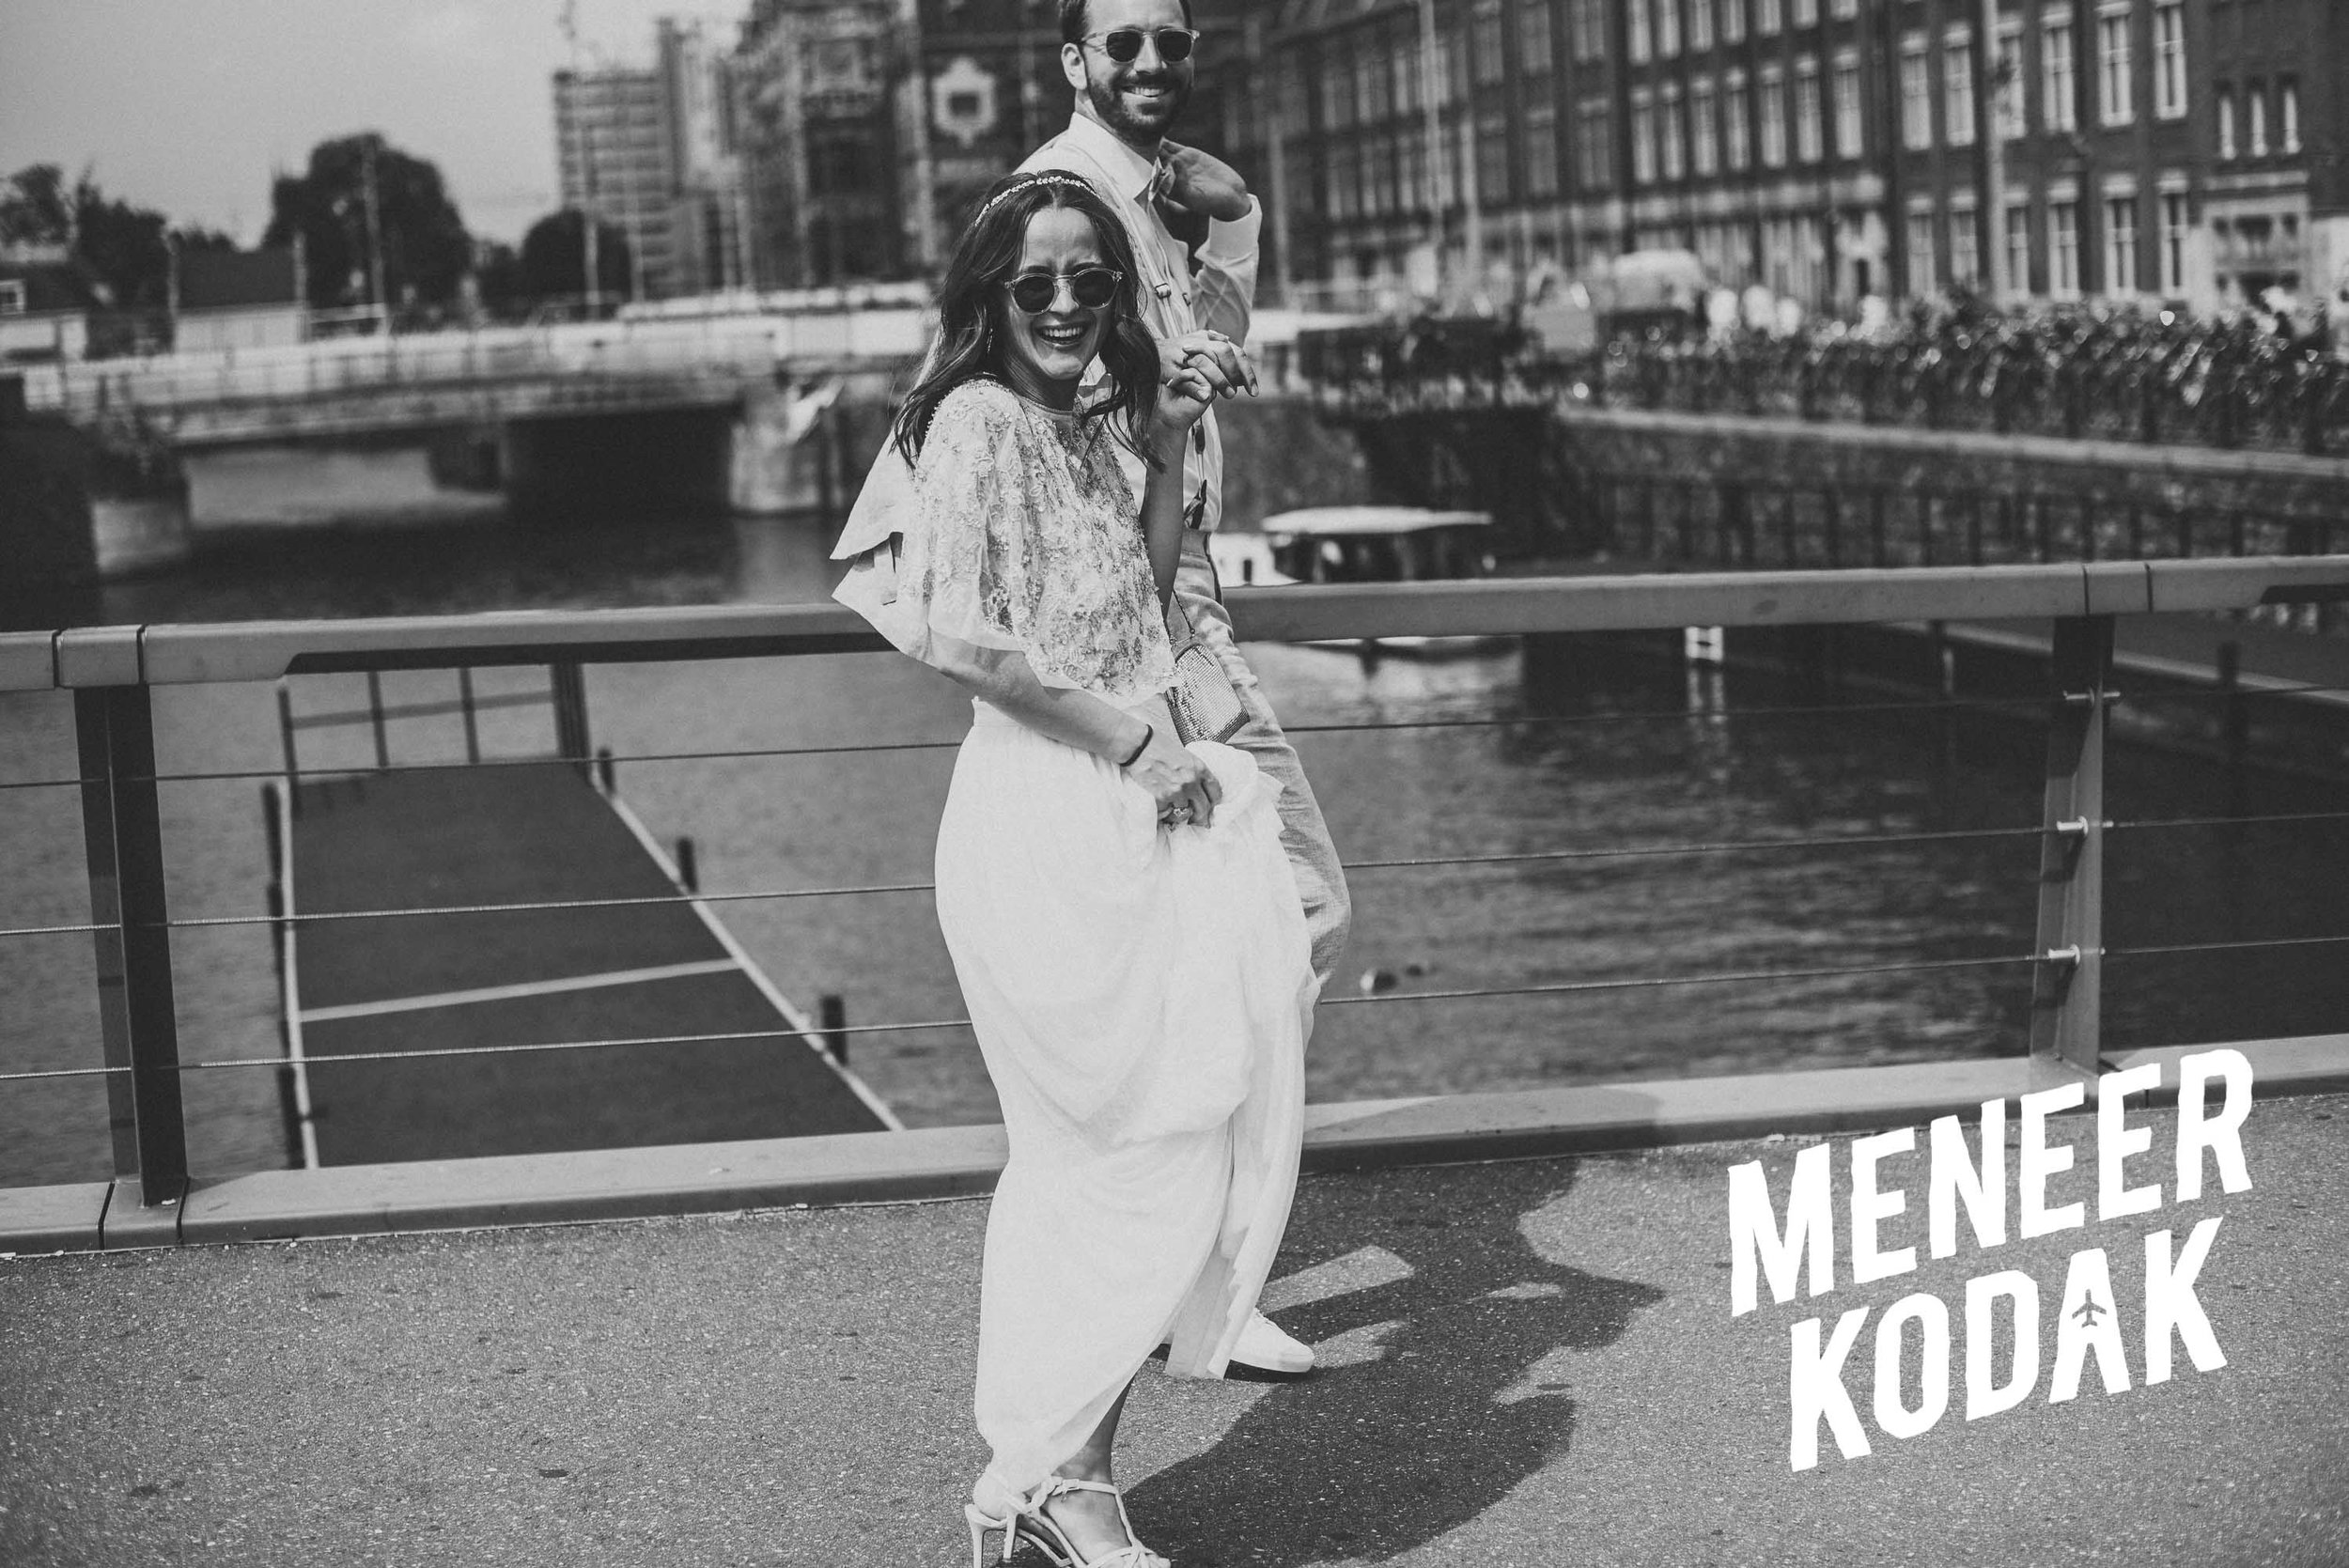 Meneer Kodak - Trouwfotograaf - Amsterdam - H&T-047.jpg